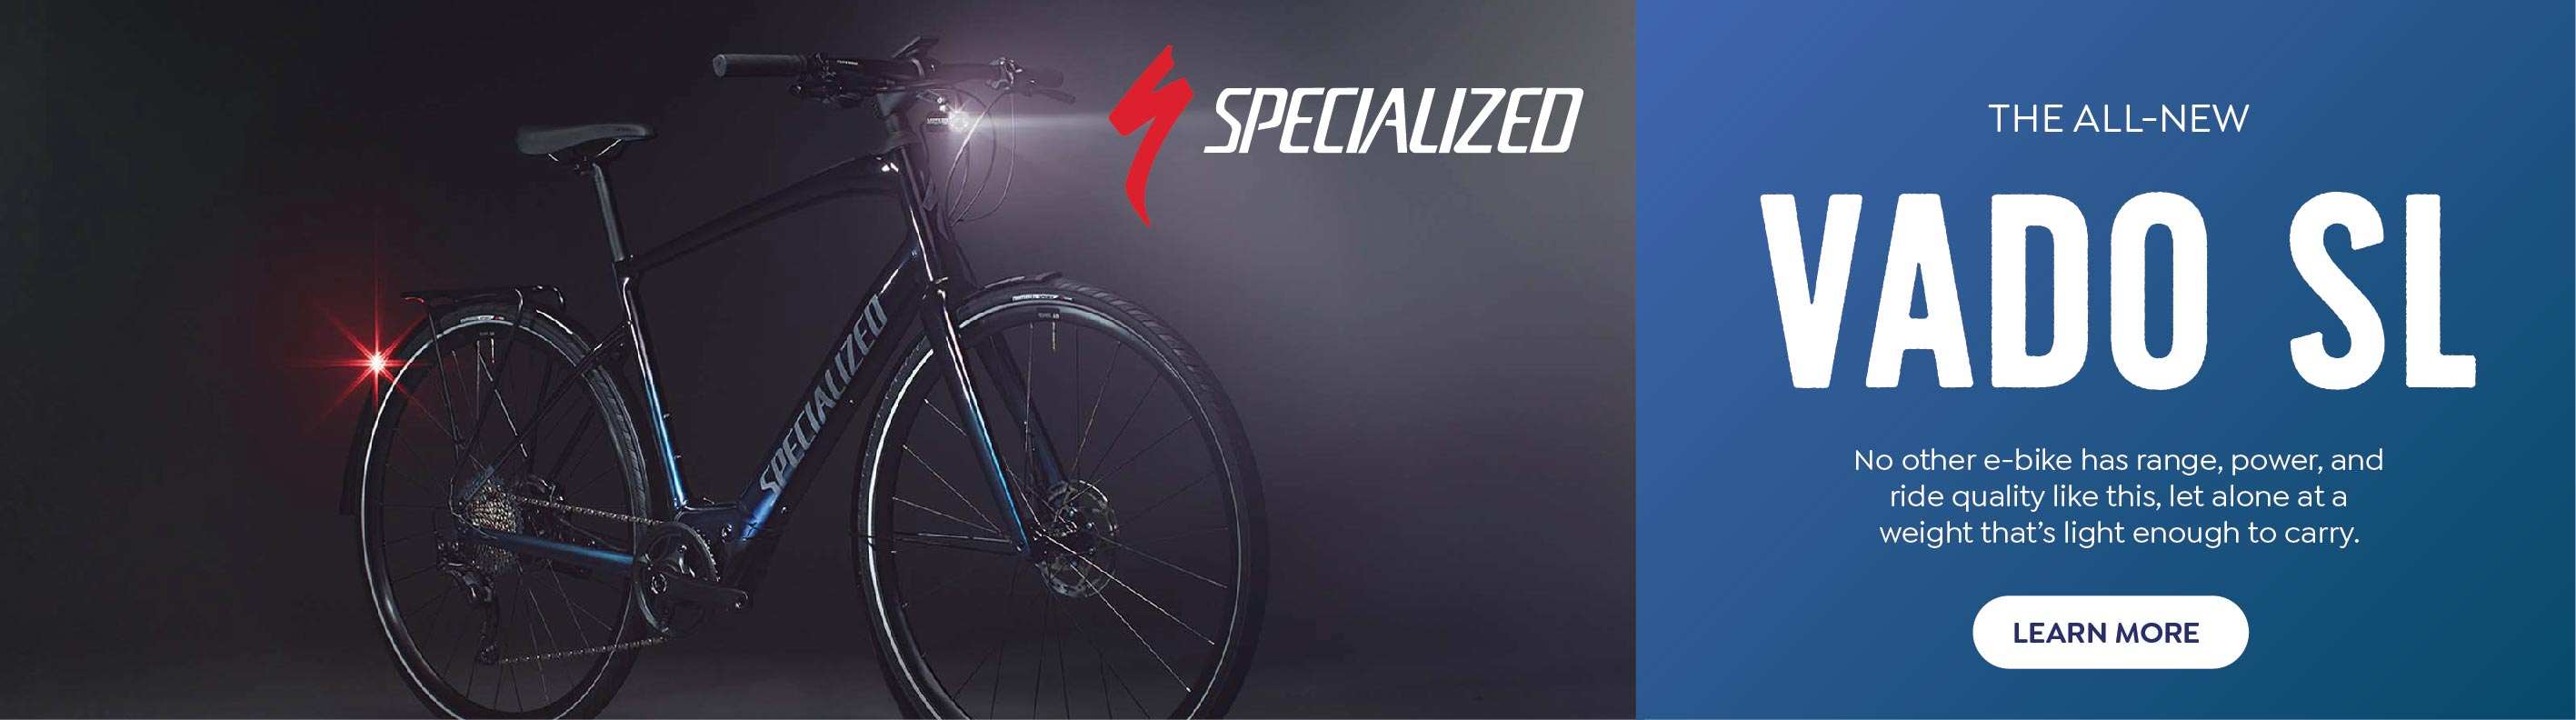 Specialized Vado SL E bike